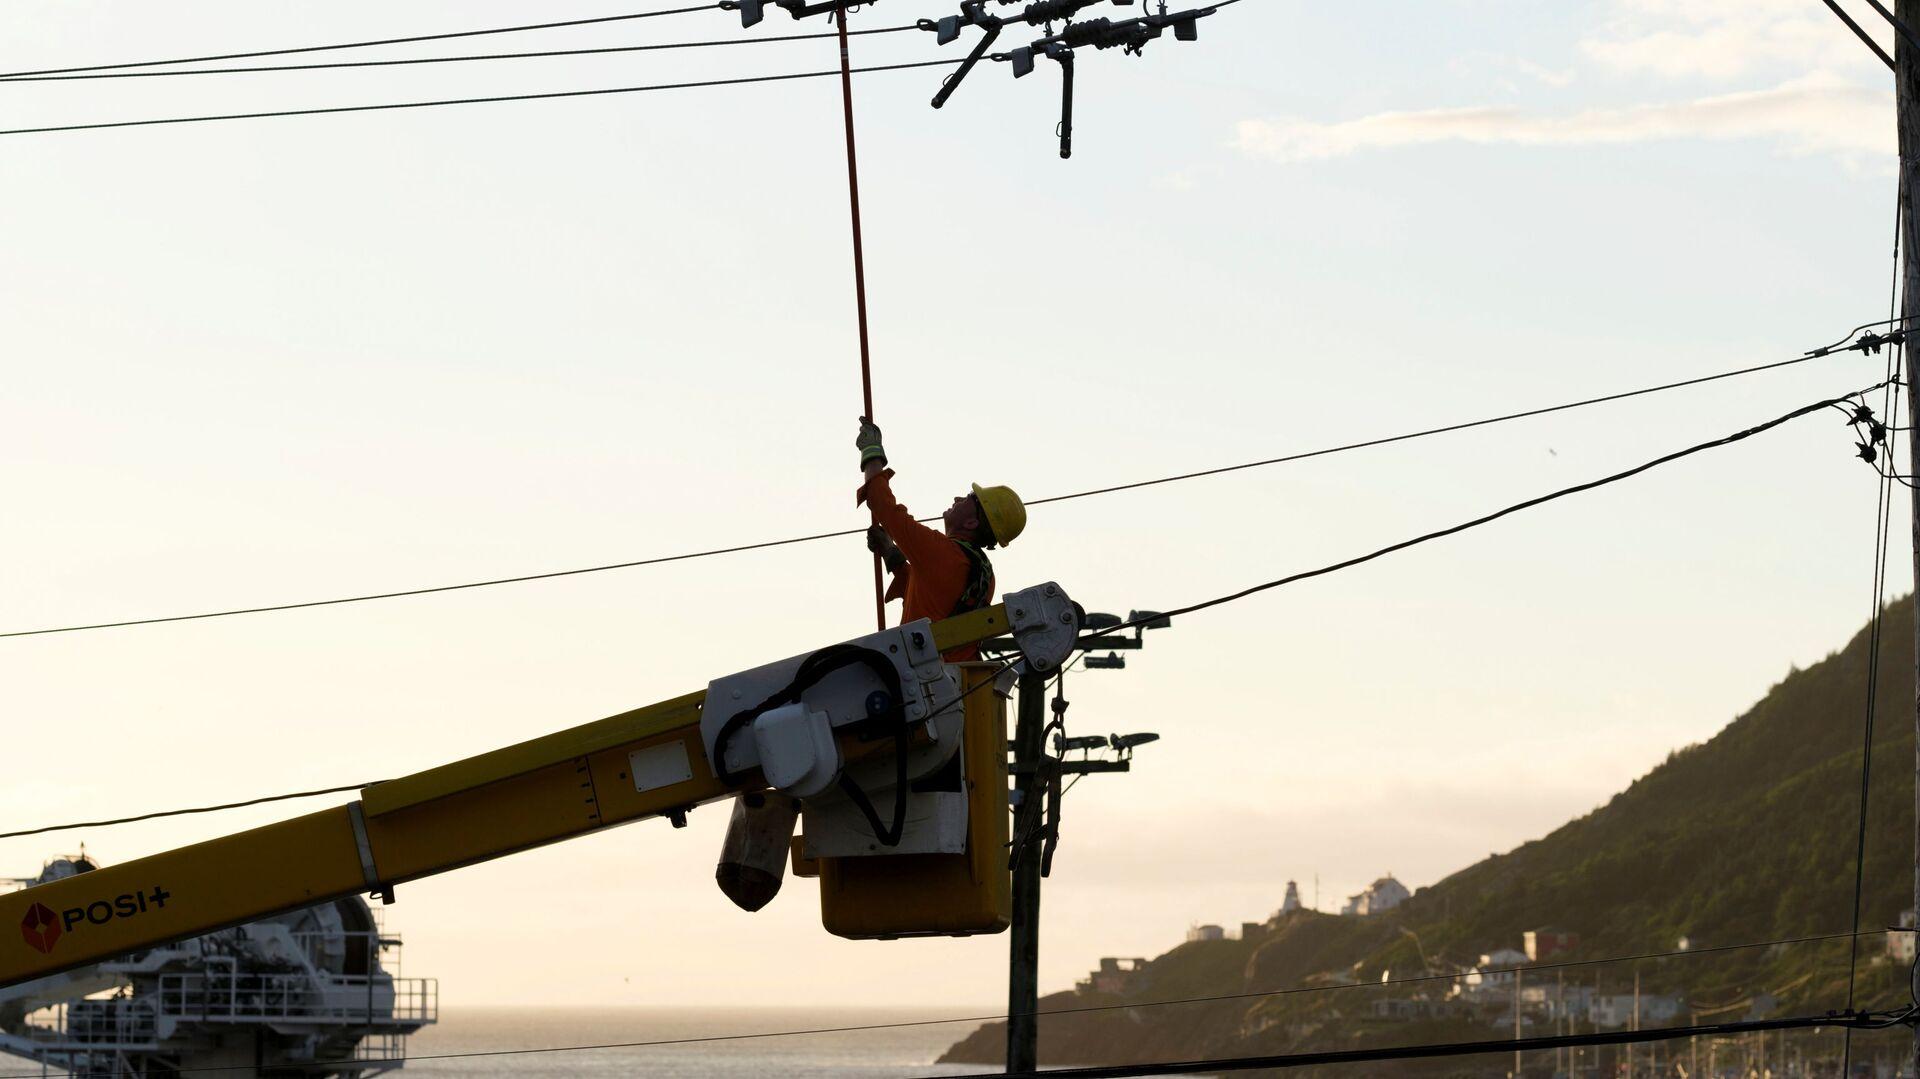 Pracownik firmy elektrycznej naprawia podarte linie energetyczne i słupy w porcie po huraganie Larry, który uderzył w St. Johns, Nowa Fundlandia, Kanada - Sputnik Polska, 1920, 11.09.2021